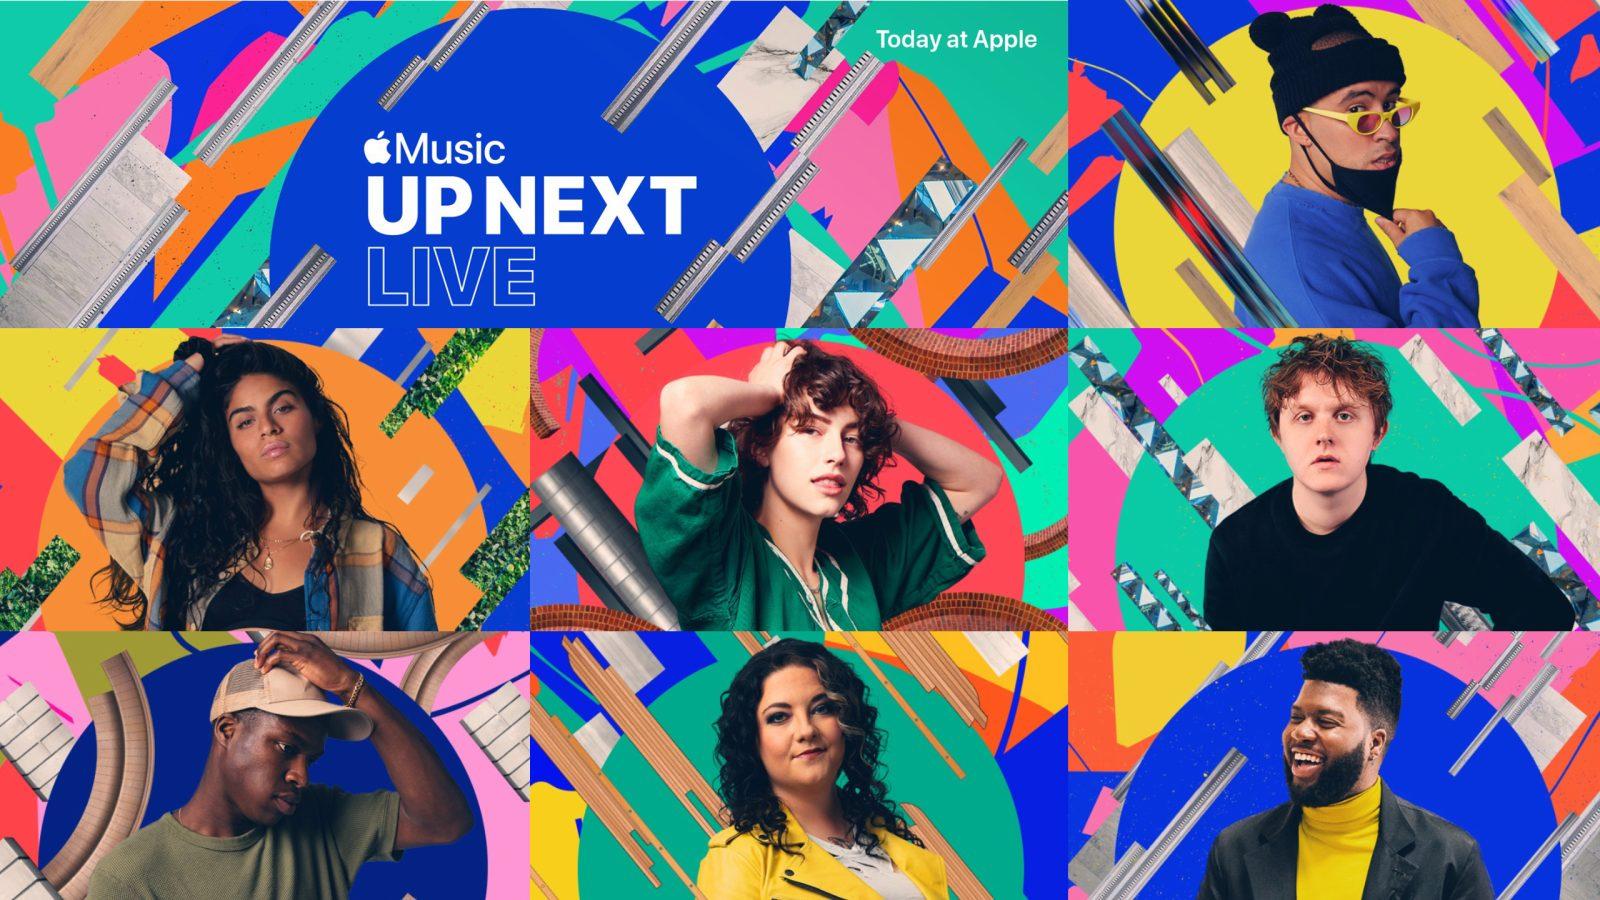 Evento musical Up Next Live